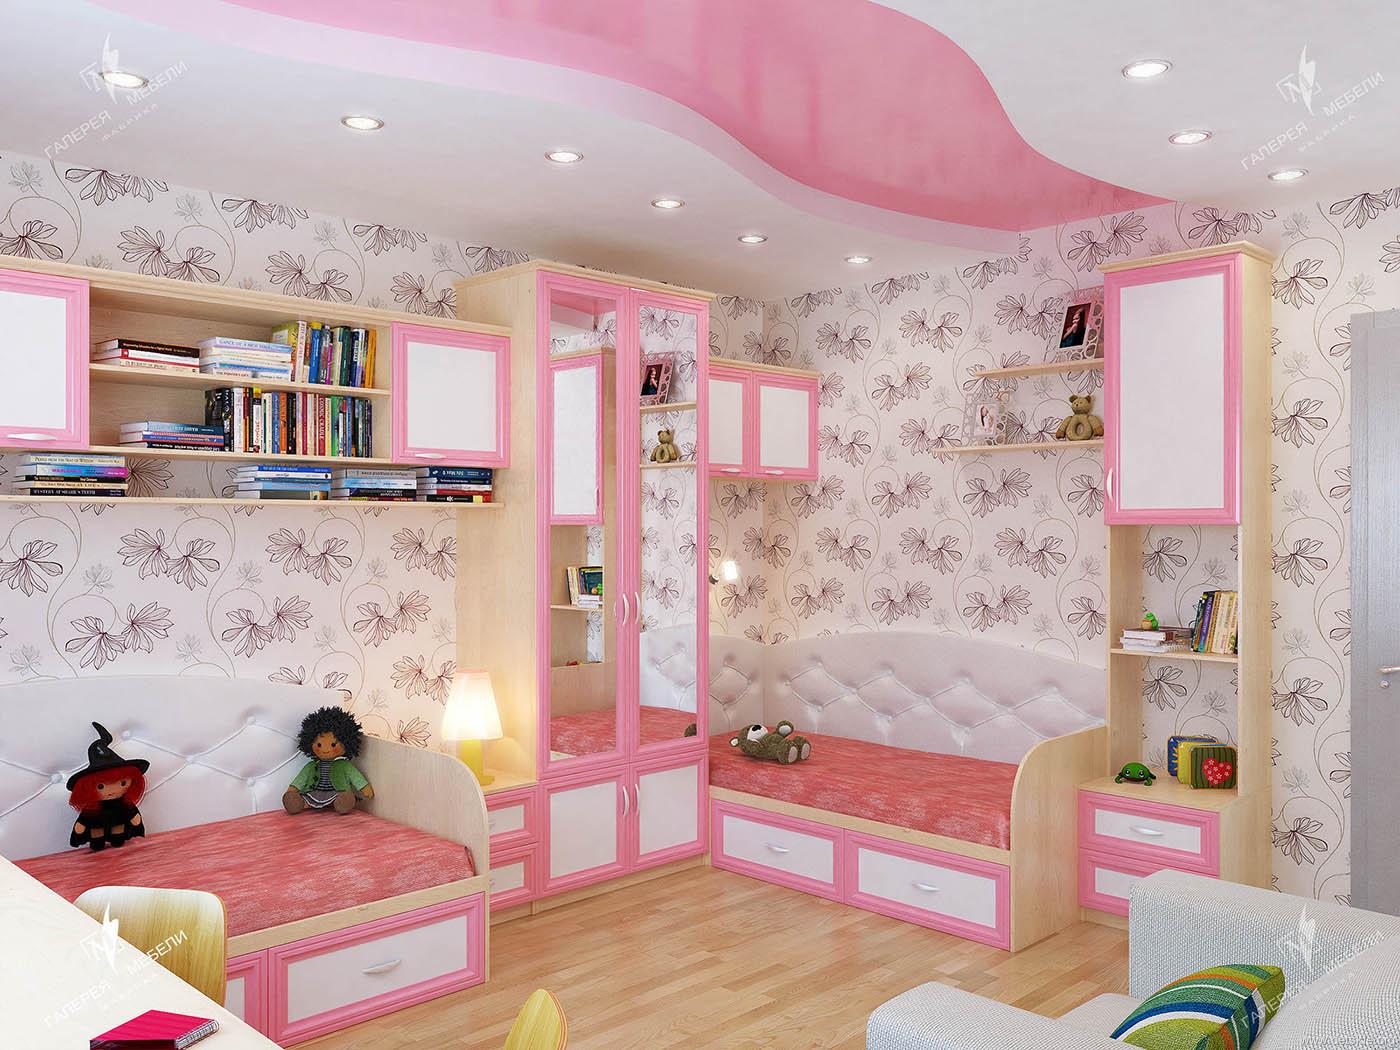 Дизайн интерьера квартир. Разработка дизайн